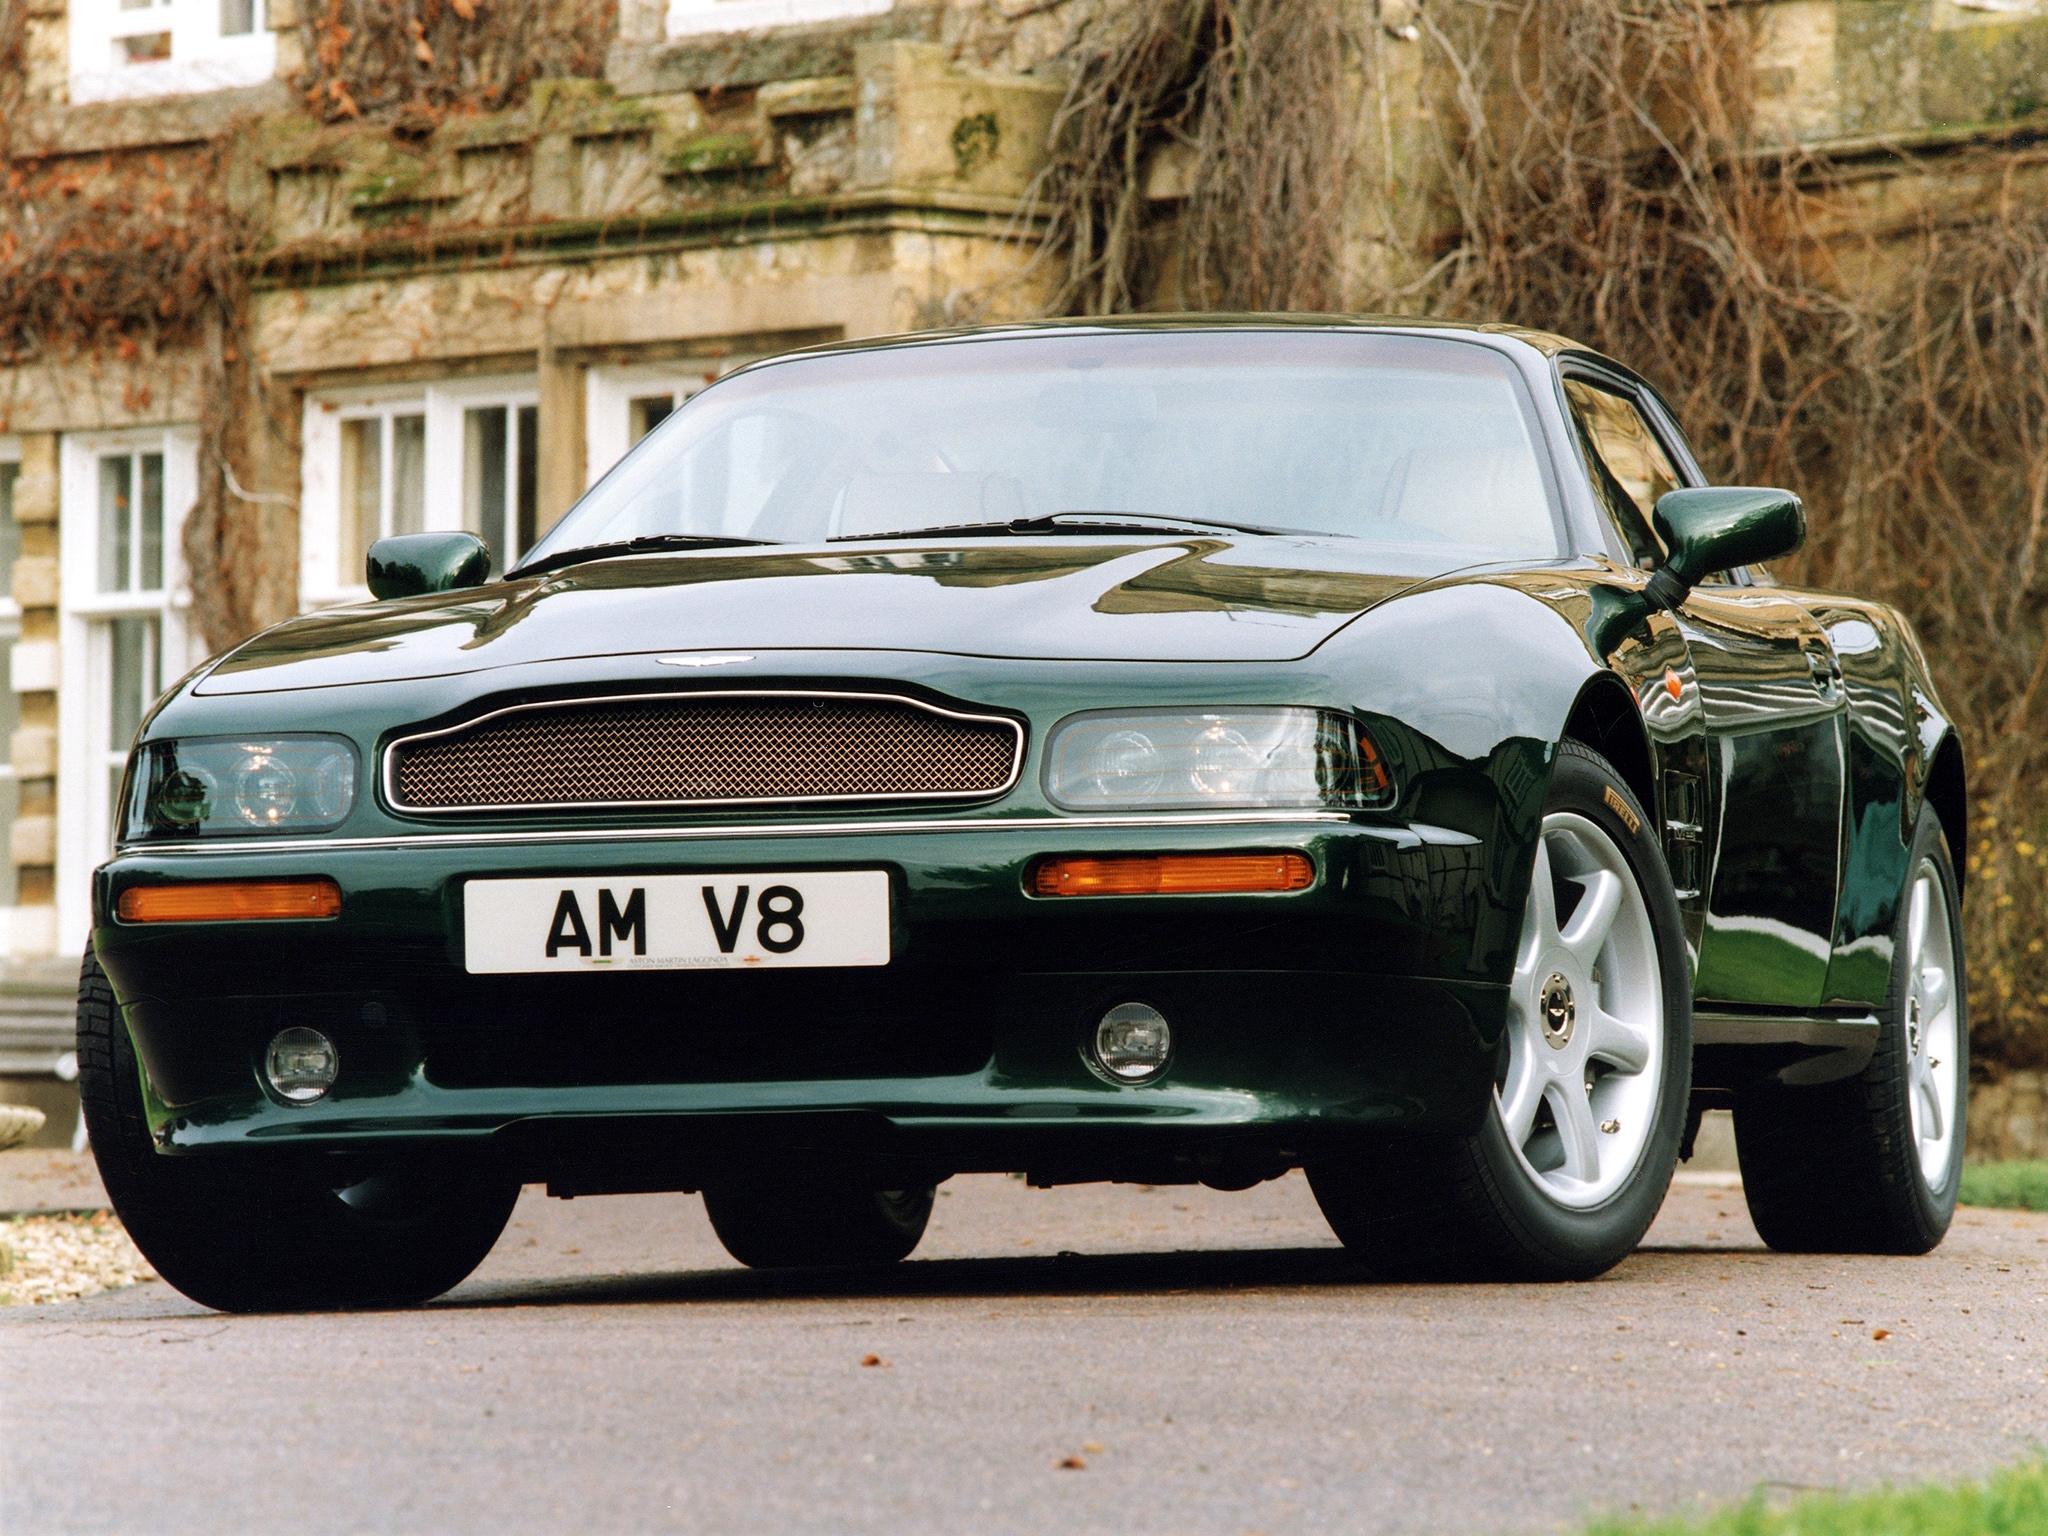 153357 скачать обои Машины, Астон Мартин (Aston Martin), Тачки (Cars), Вид Спереди, Дом, Зеленый, V8, Coupe, 1996 - заставки и картинки бесплатно